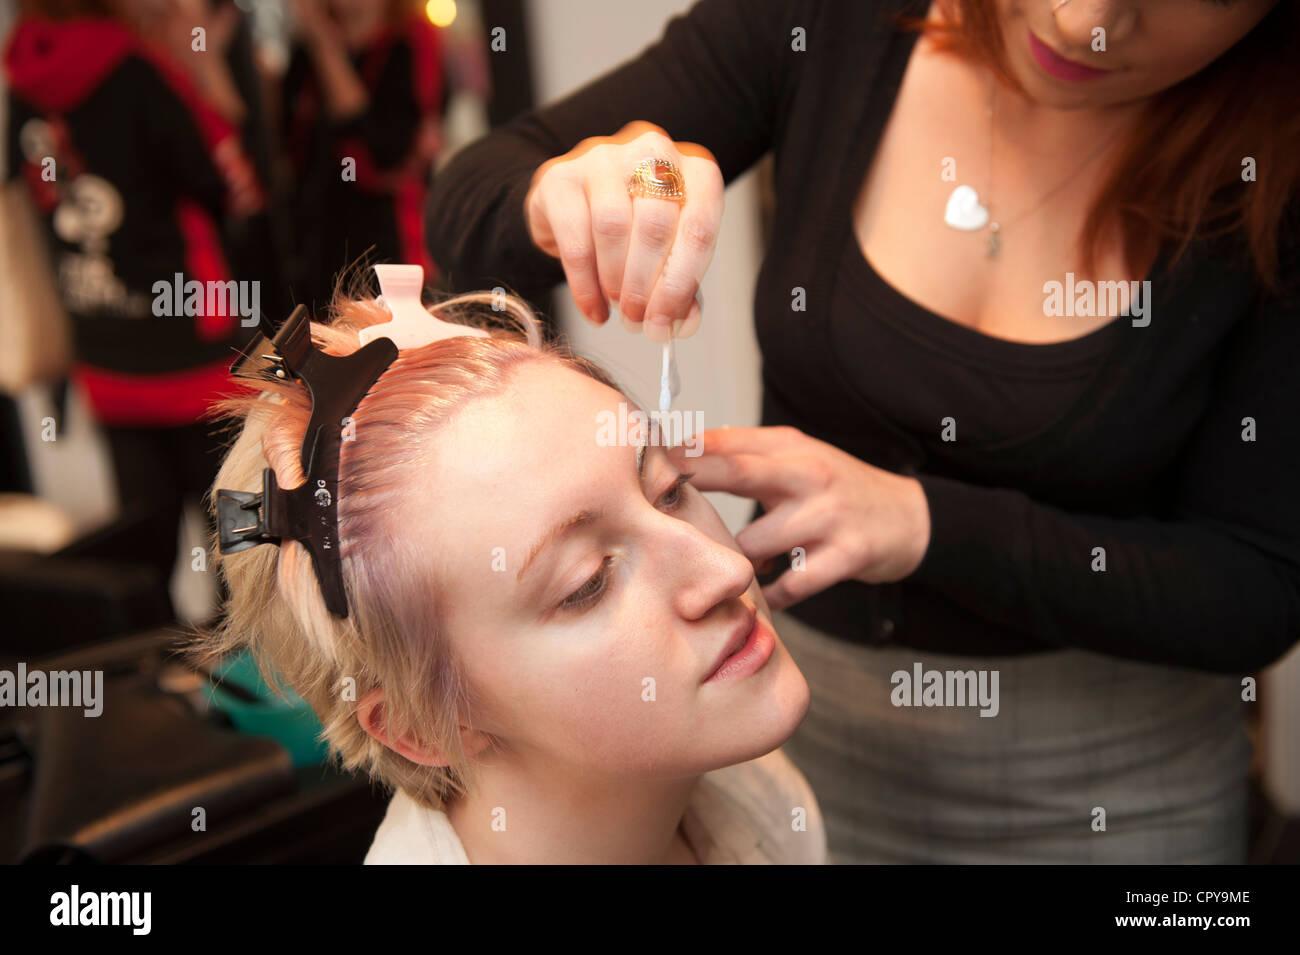 Una mujer joven con un cabello y maquillaje de belleza en un salón, blanquear sus cejas, REINO UNIDO Foto de stock